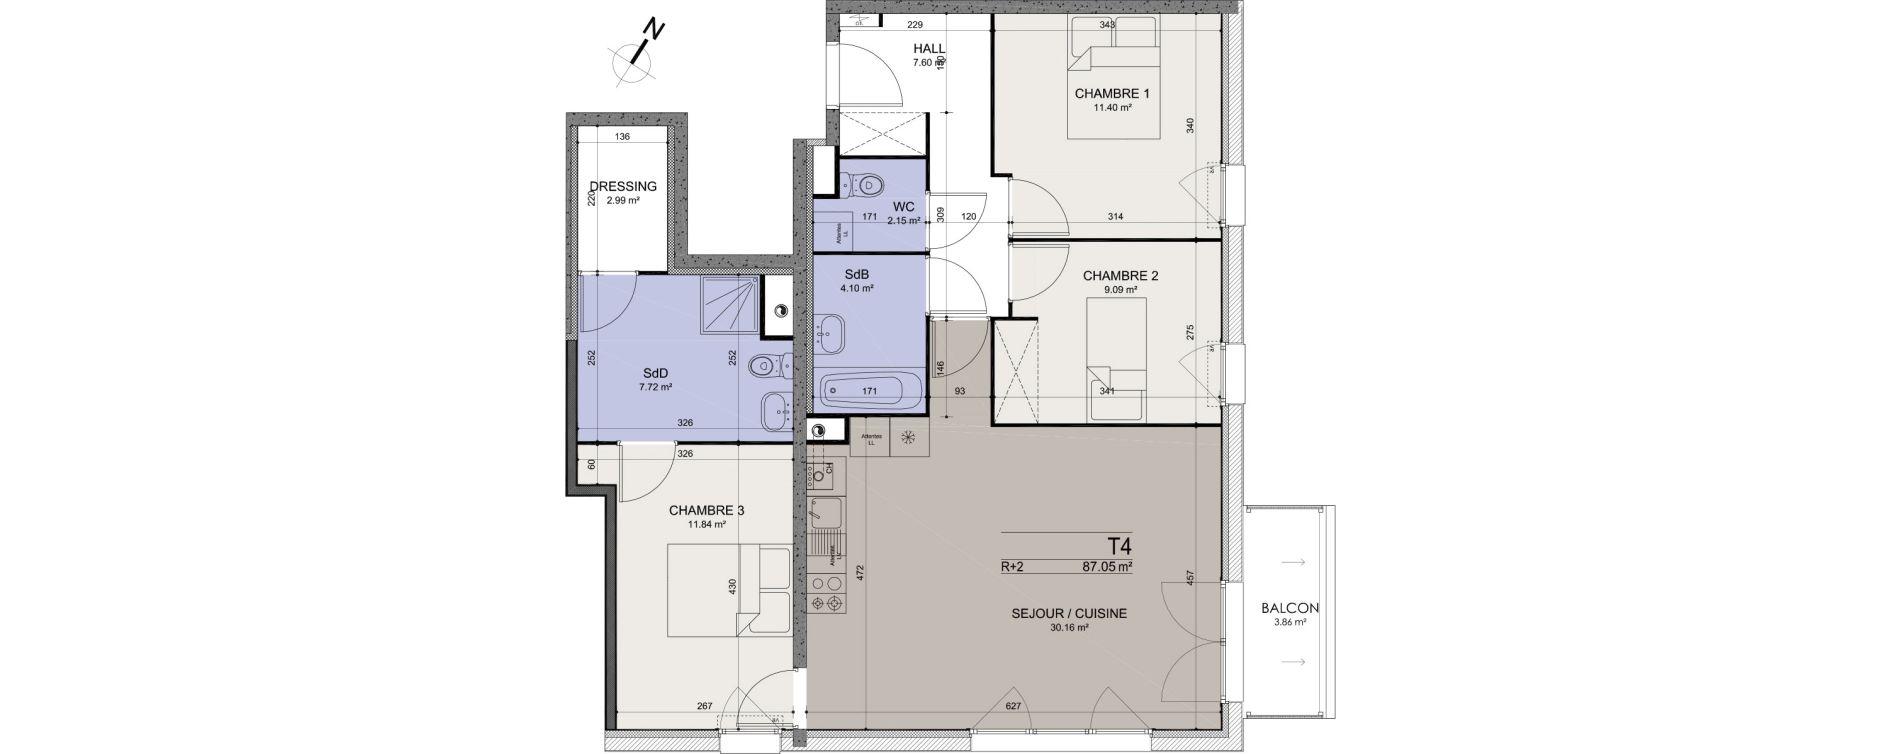 Appartement T4 de 87,05 m2 à Annœullin Centre